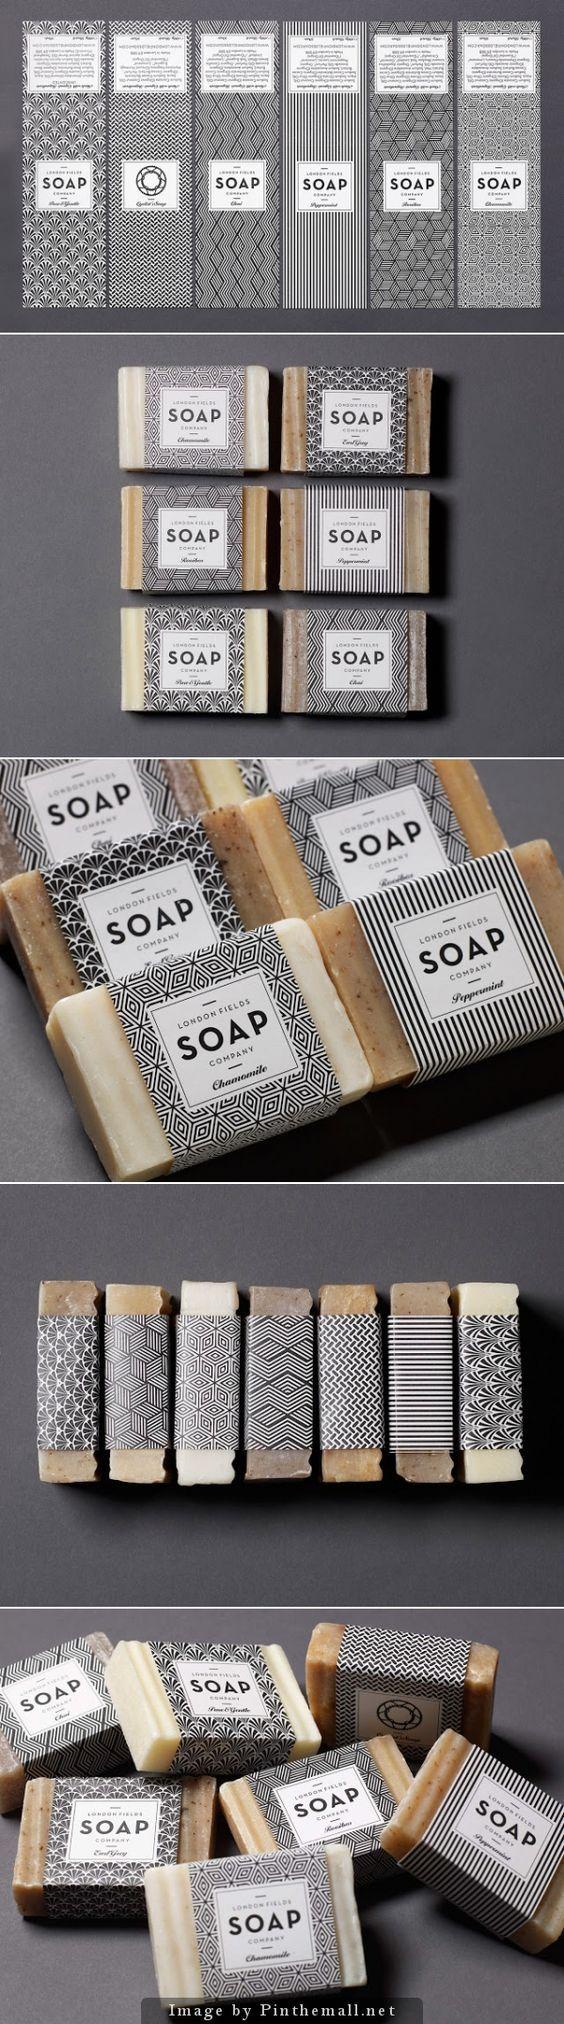 London Fields Soap Company ♥